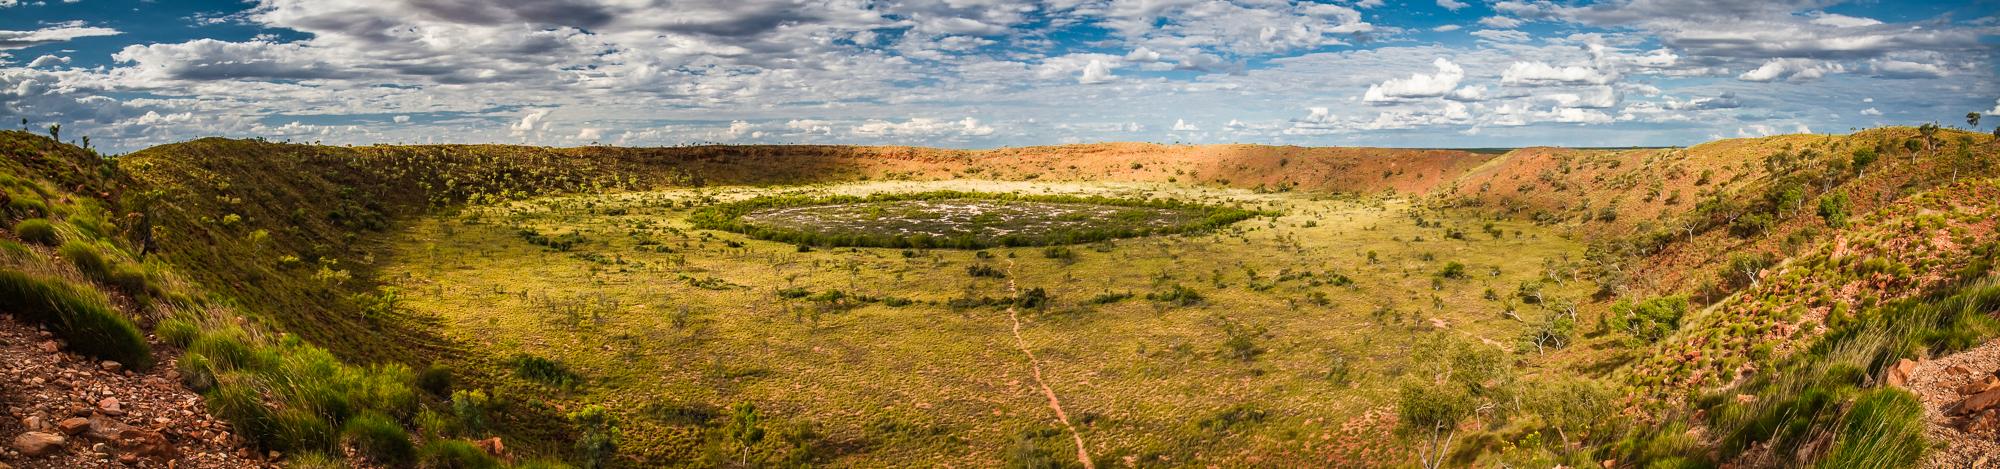 Wolfs Creek Australien Outback